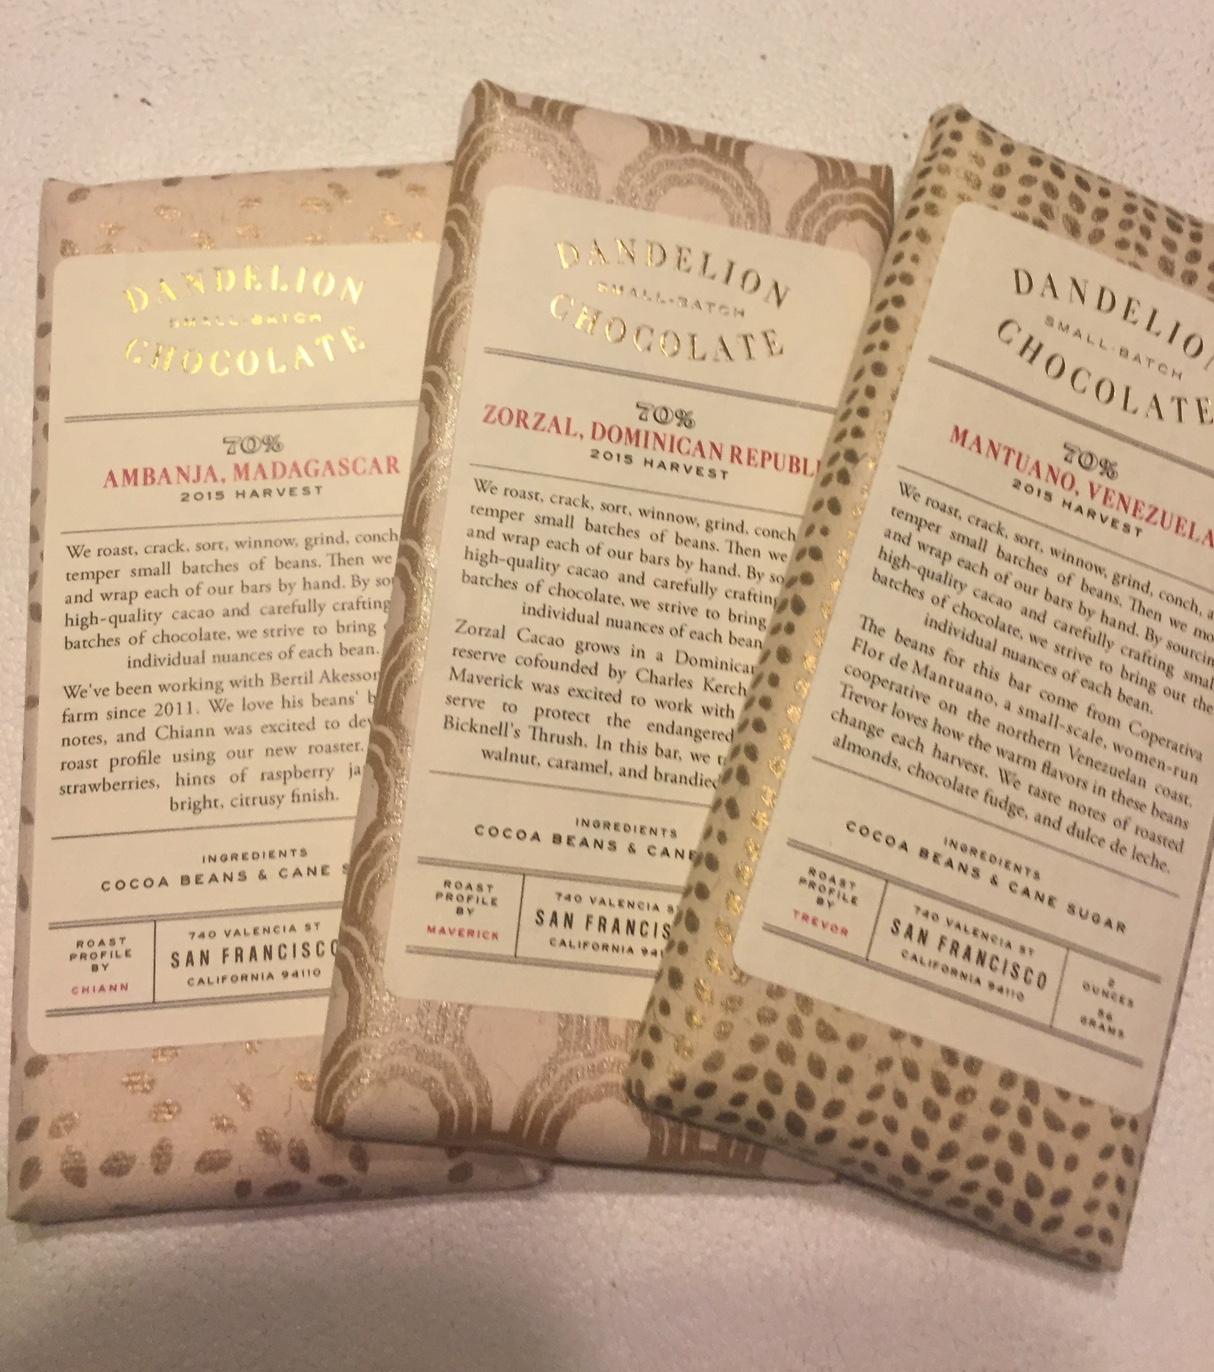 Sku's Recent Eats: Dandelion Chocolate